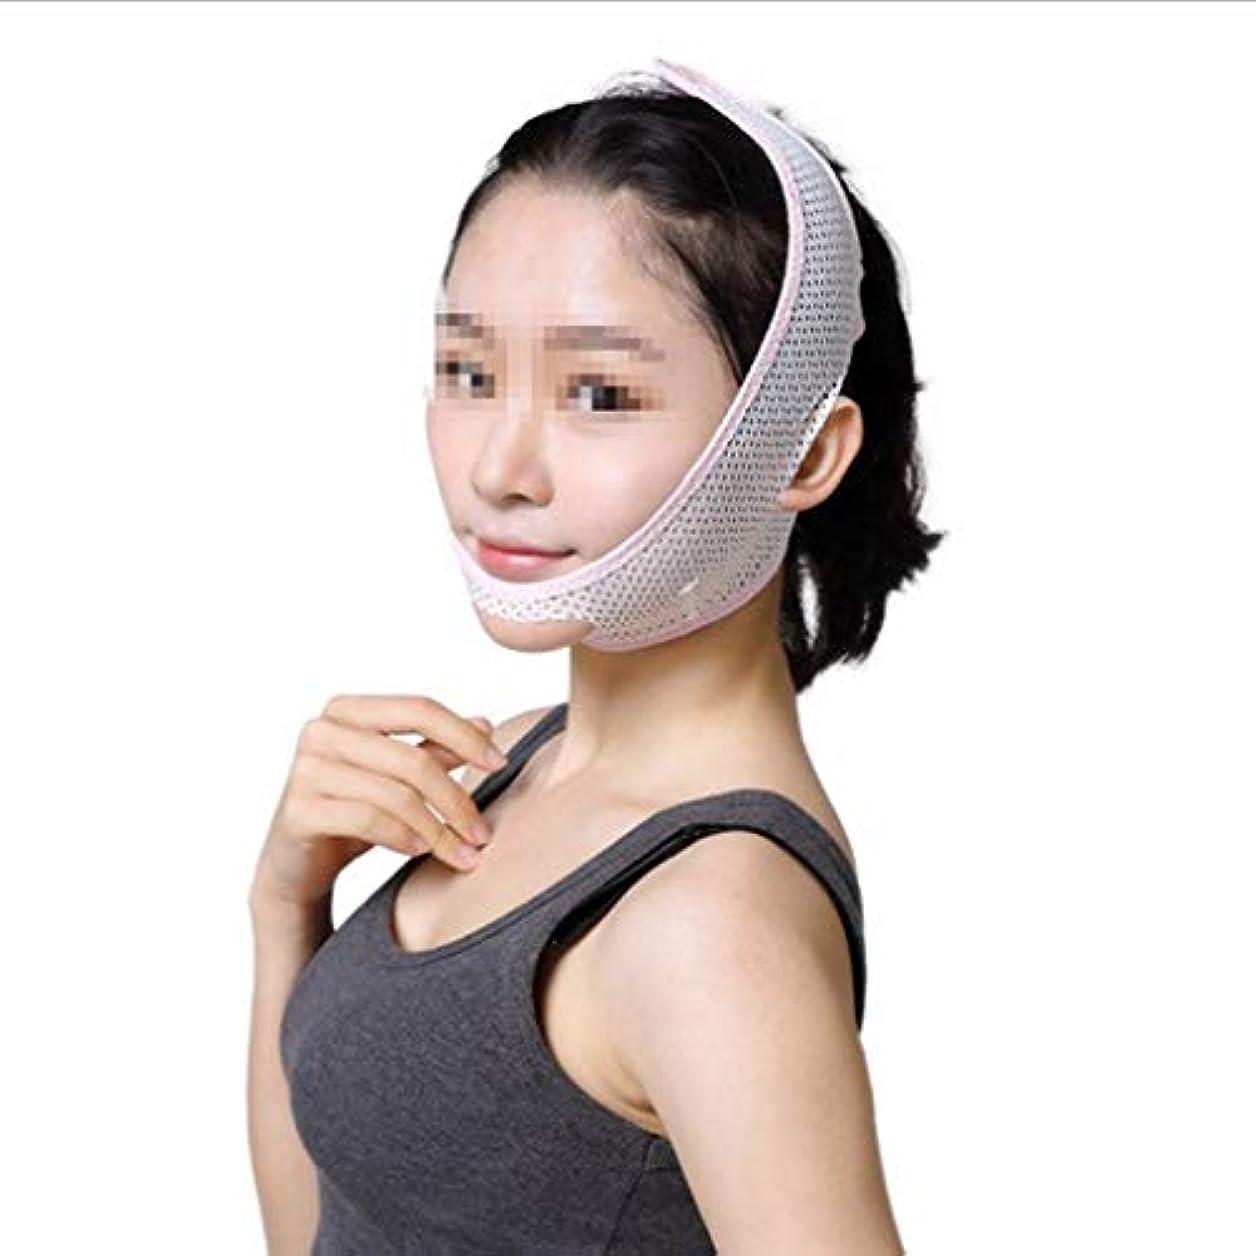 ベギン誤解できた超薄型通気性フェイスマスク、包帯Vフェイスマスクフェイスリフティングファーミングダブルチンシンフェイスベルト (Size : M)